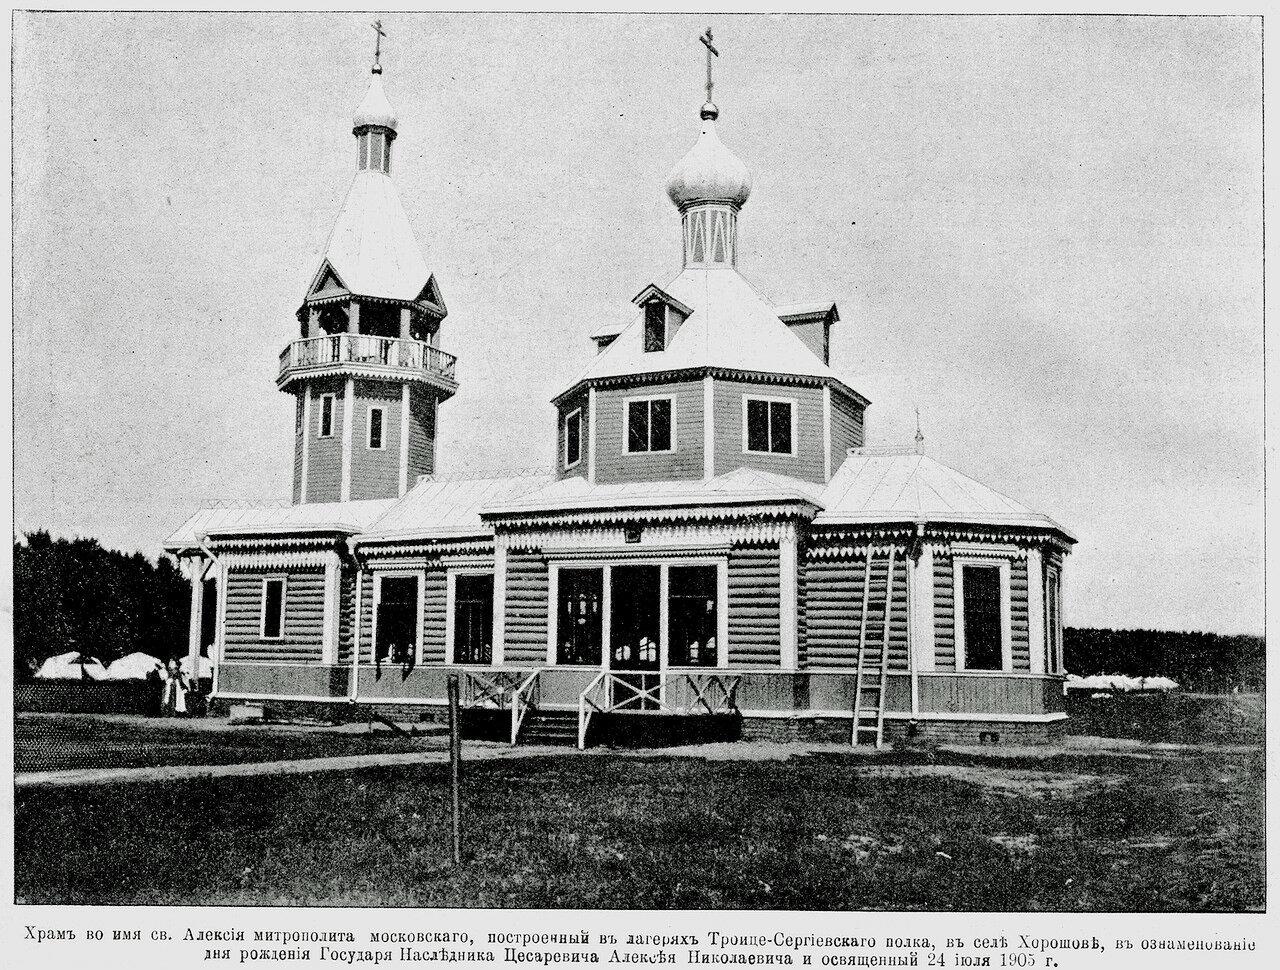 550111 Церковь Алексия, митрополита Московского, при летних лагерях 221-го пехотного резервного Троице-Сергиевского полк 1905.jpg